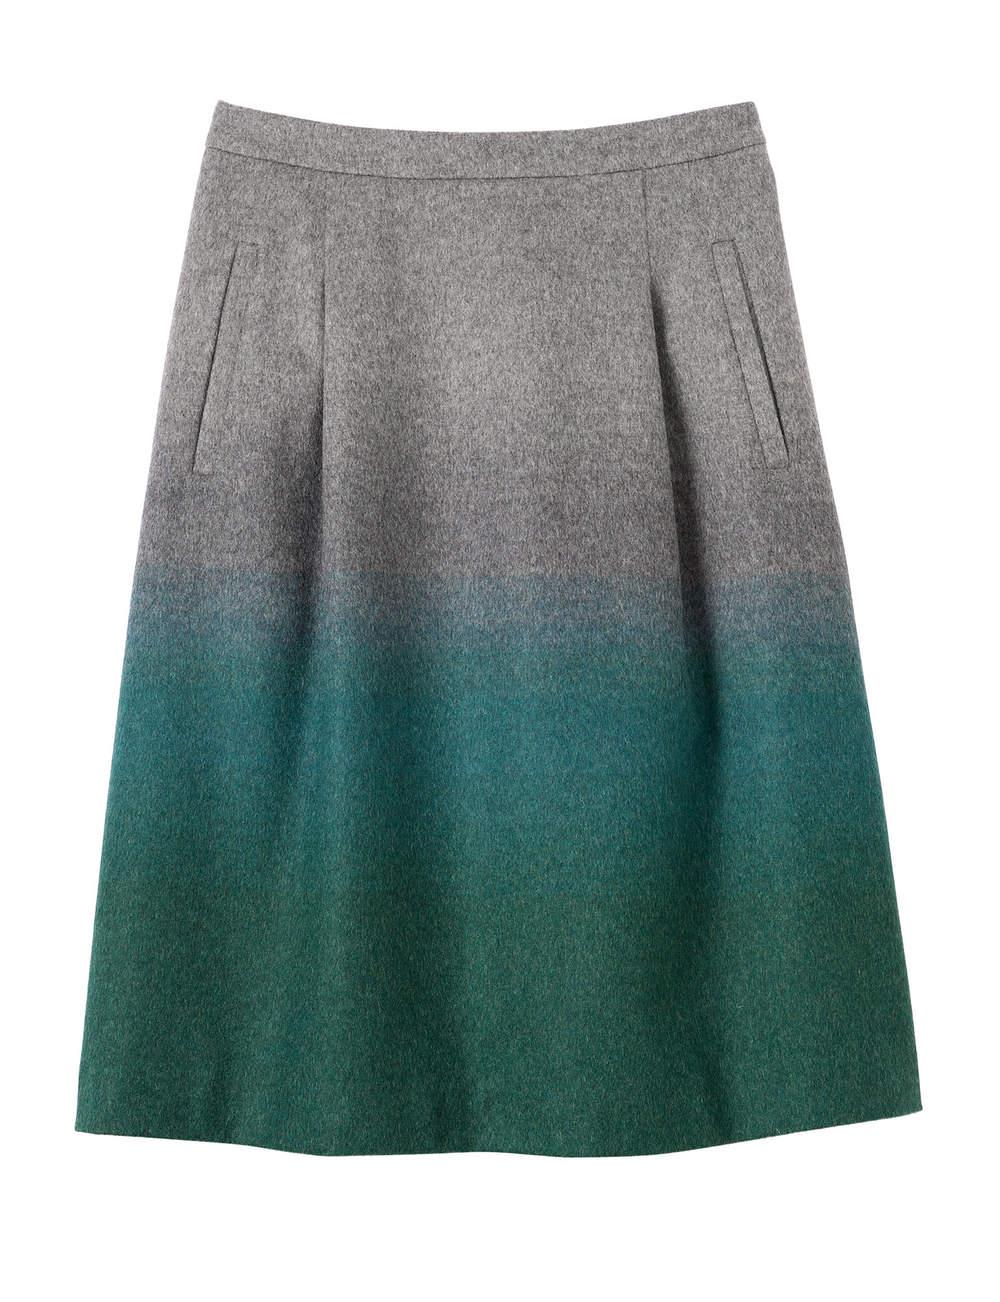 Jupe en laine, poches sur les côtés, Bensimon, 145€.